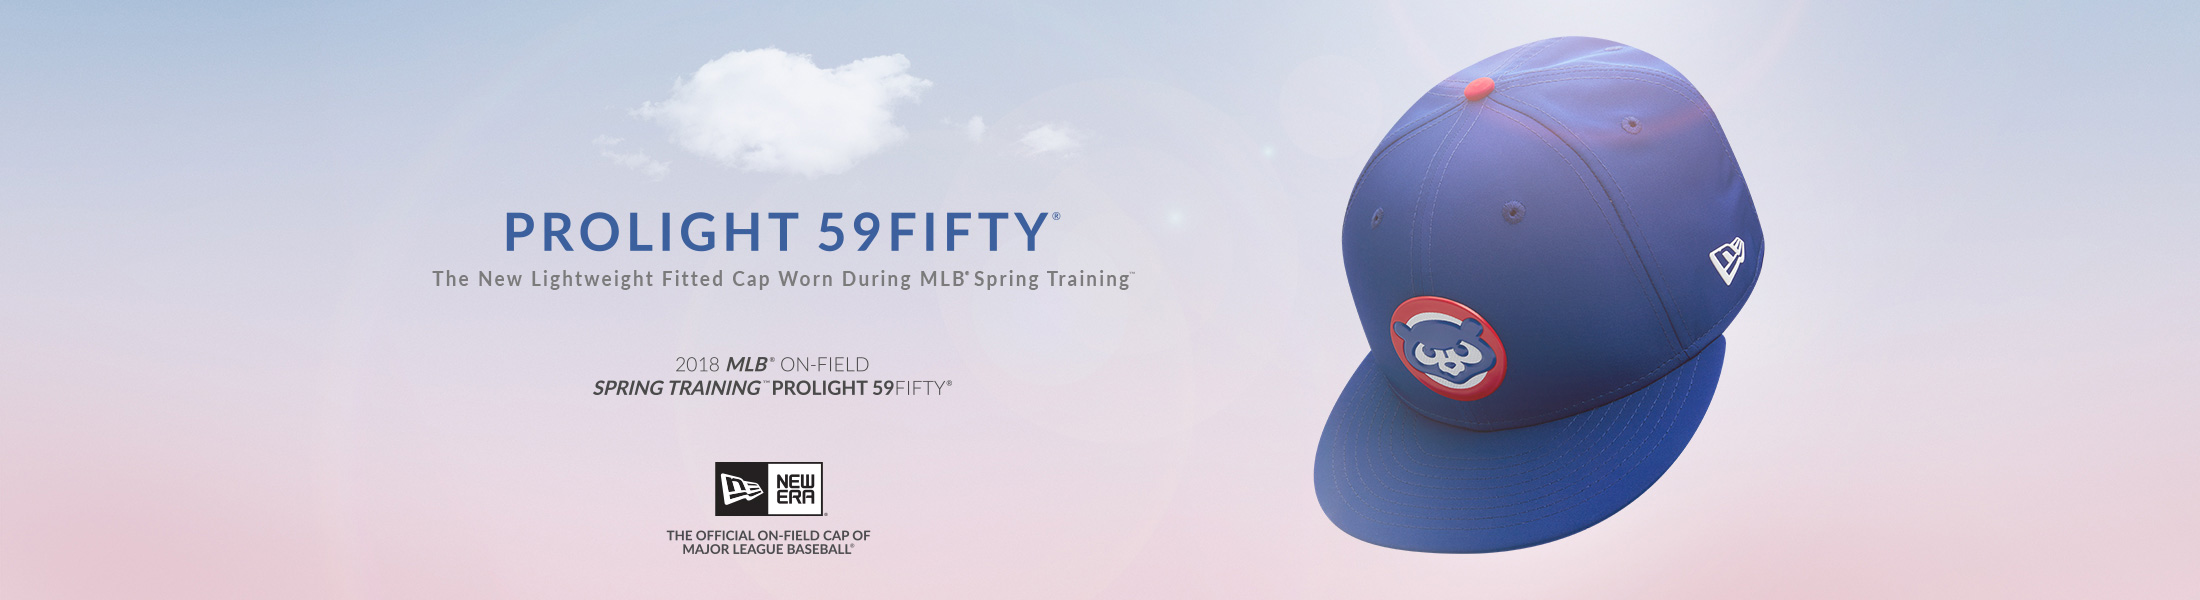 Chicago Cubs 2018 Prolight 59Fifty Cap at SportsWorldChicgo.com